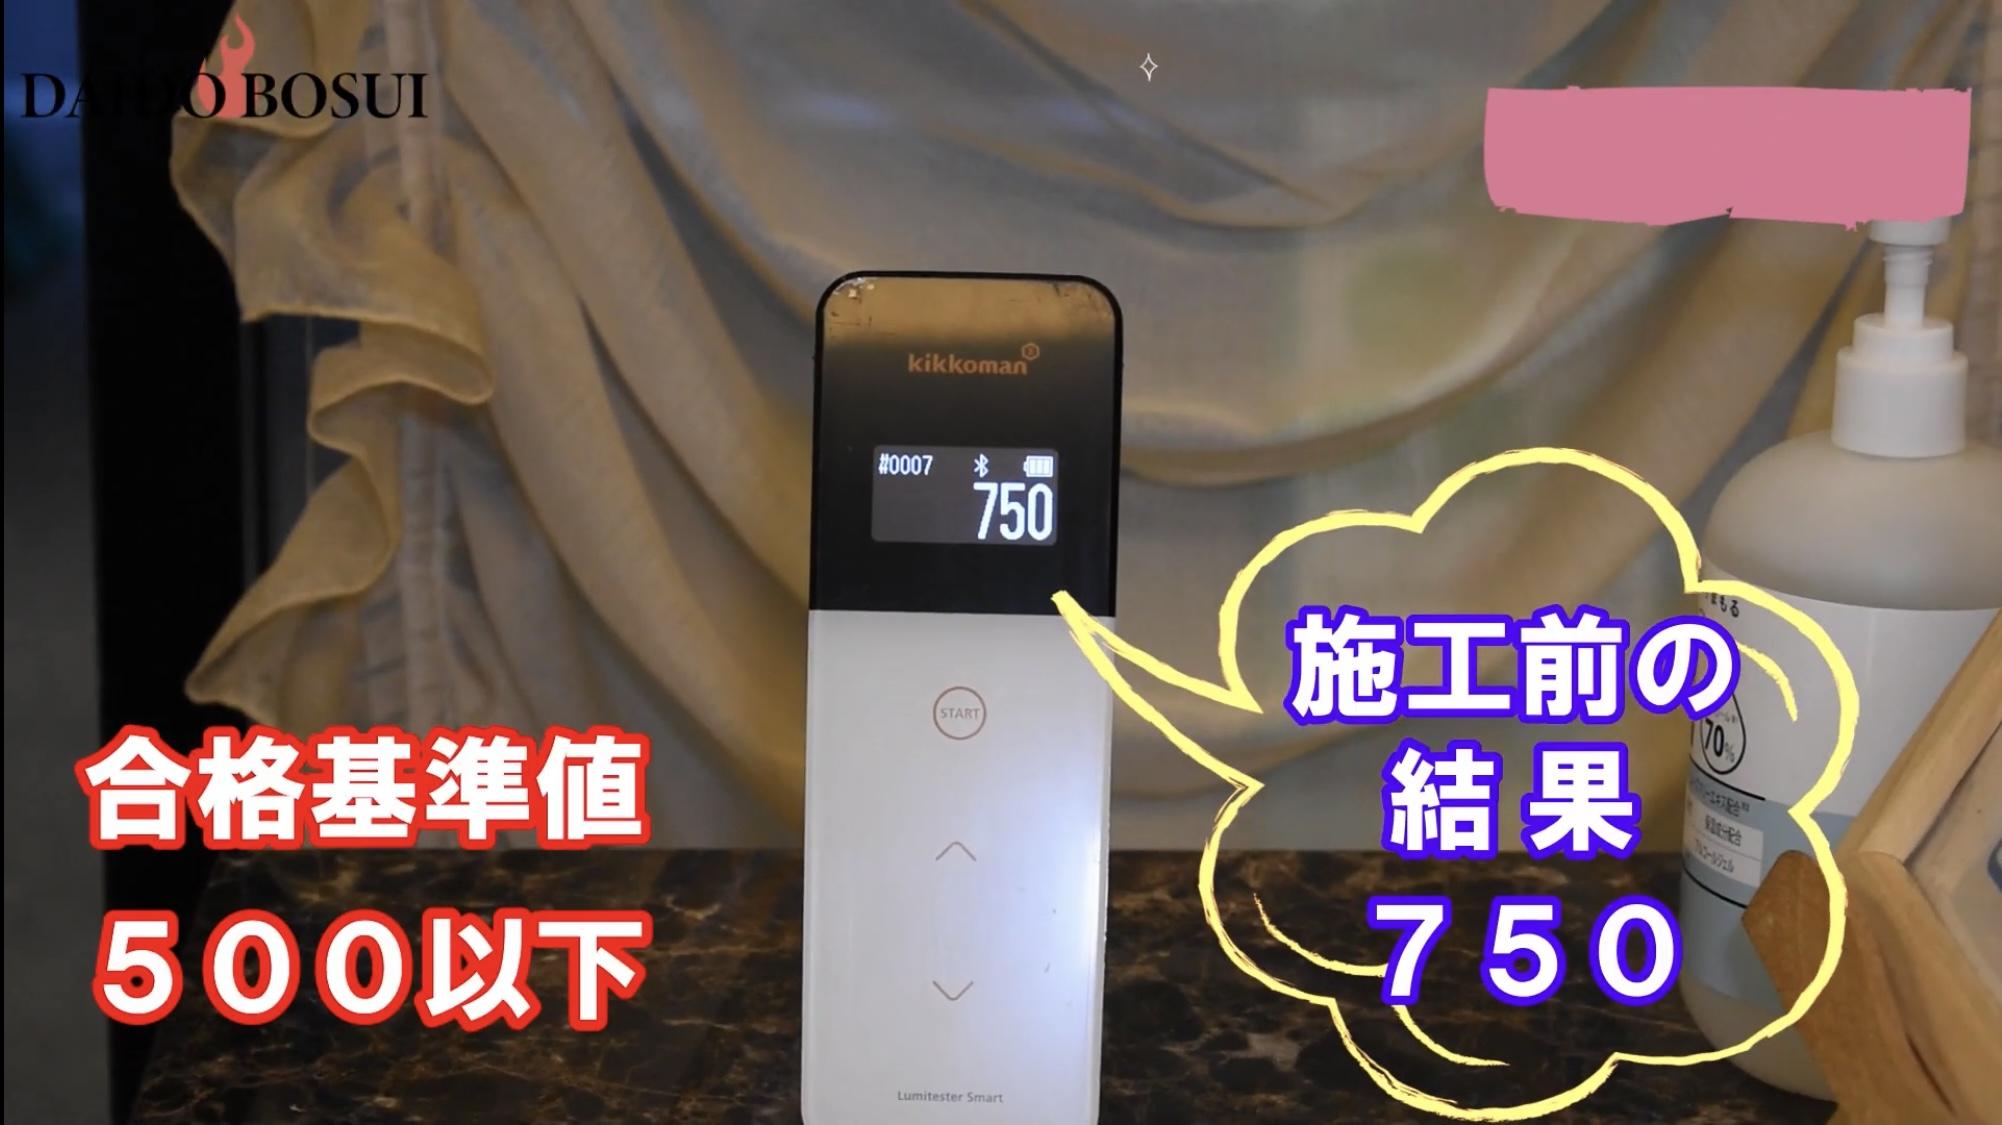 除菌前のドアノブのATP測定値は750でした